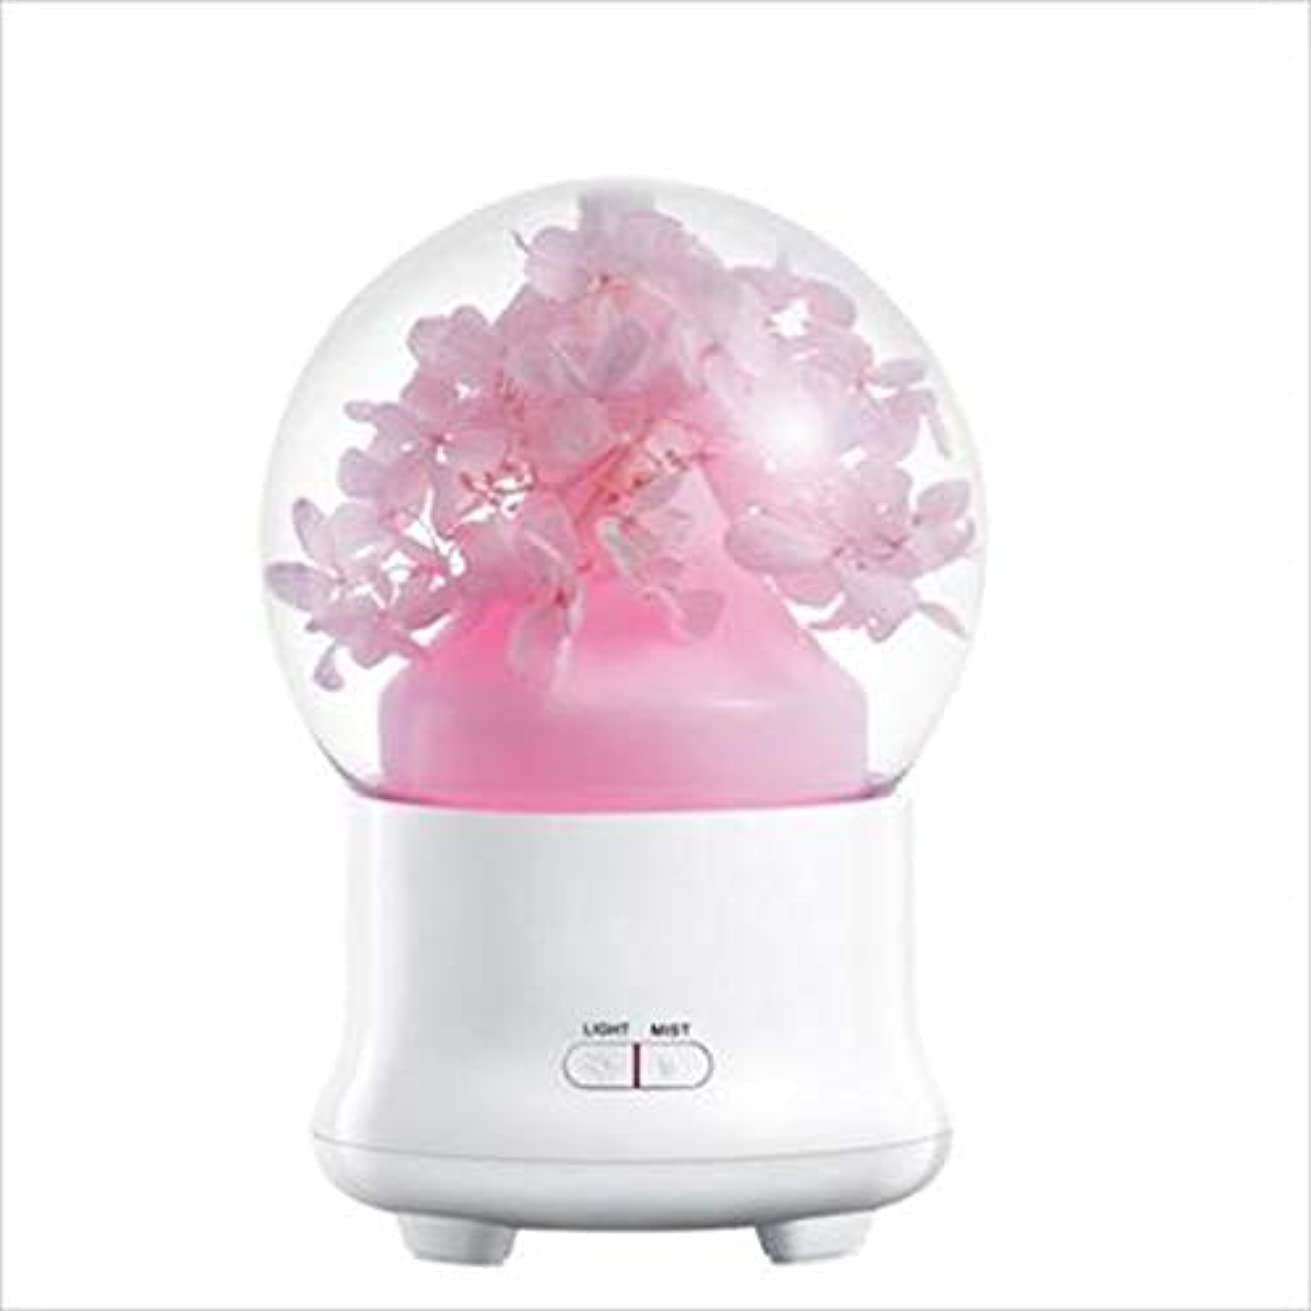 元に戻す先生おいしい永遠の花加湿器ミュート超音波空気清浄器ホームオフィス保湿カラフルな発光スプレー (Color : Pink)